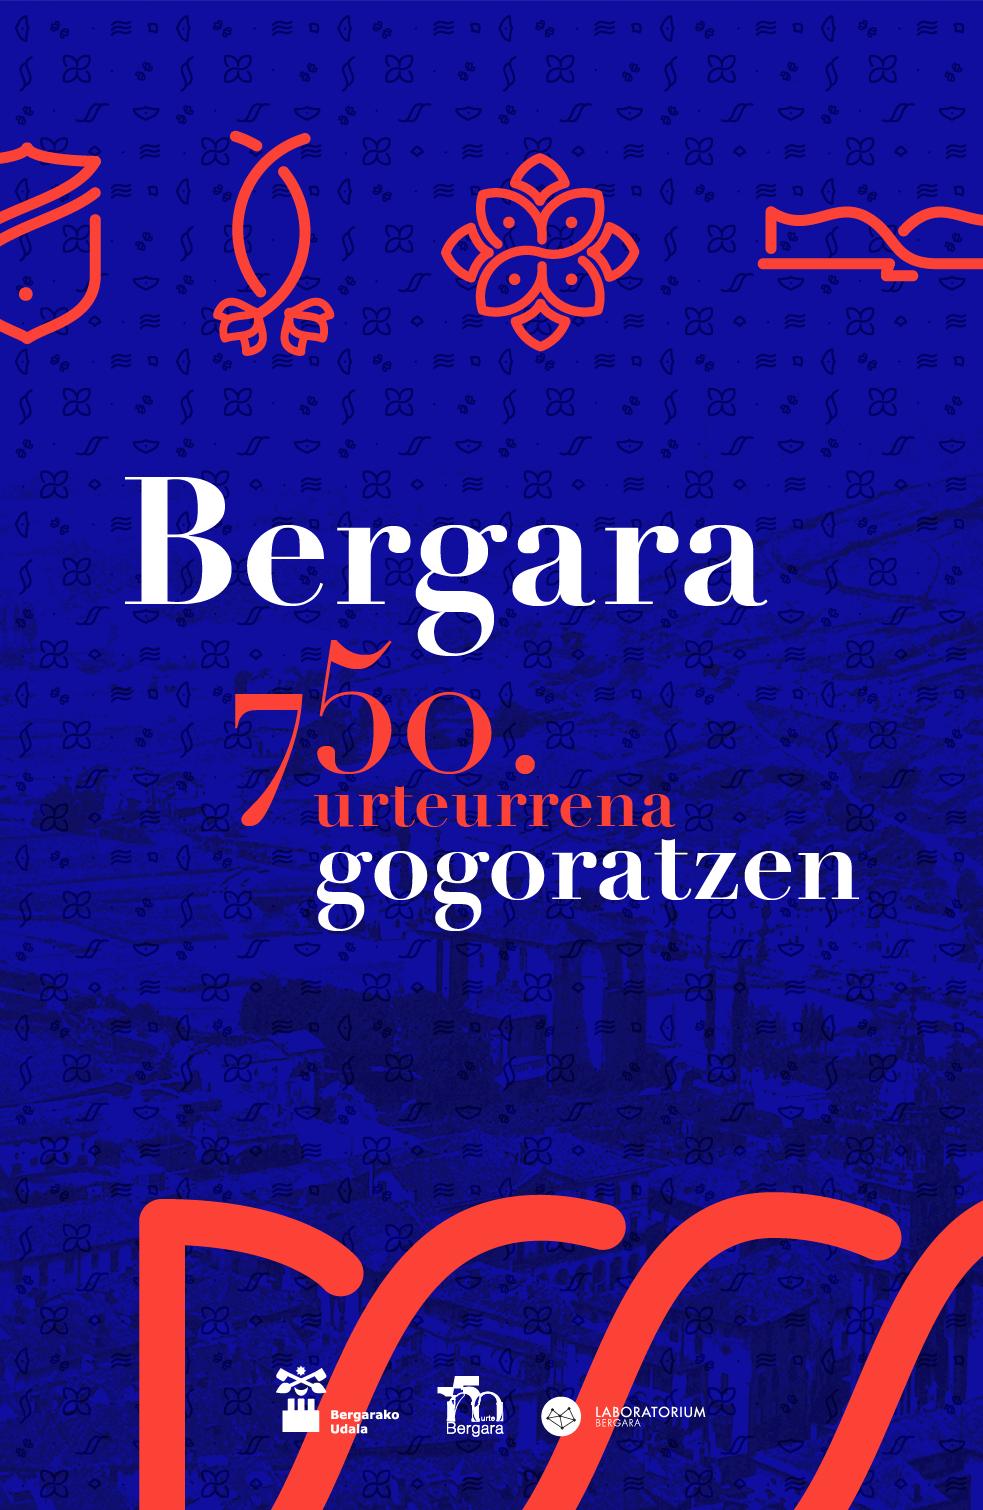 Bergara 750. urteurrenaren kartela